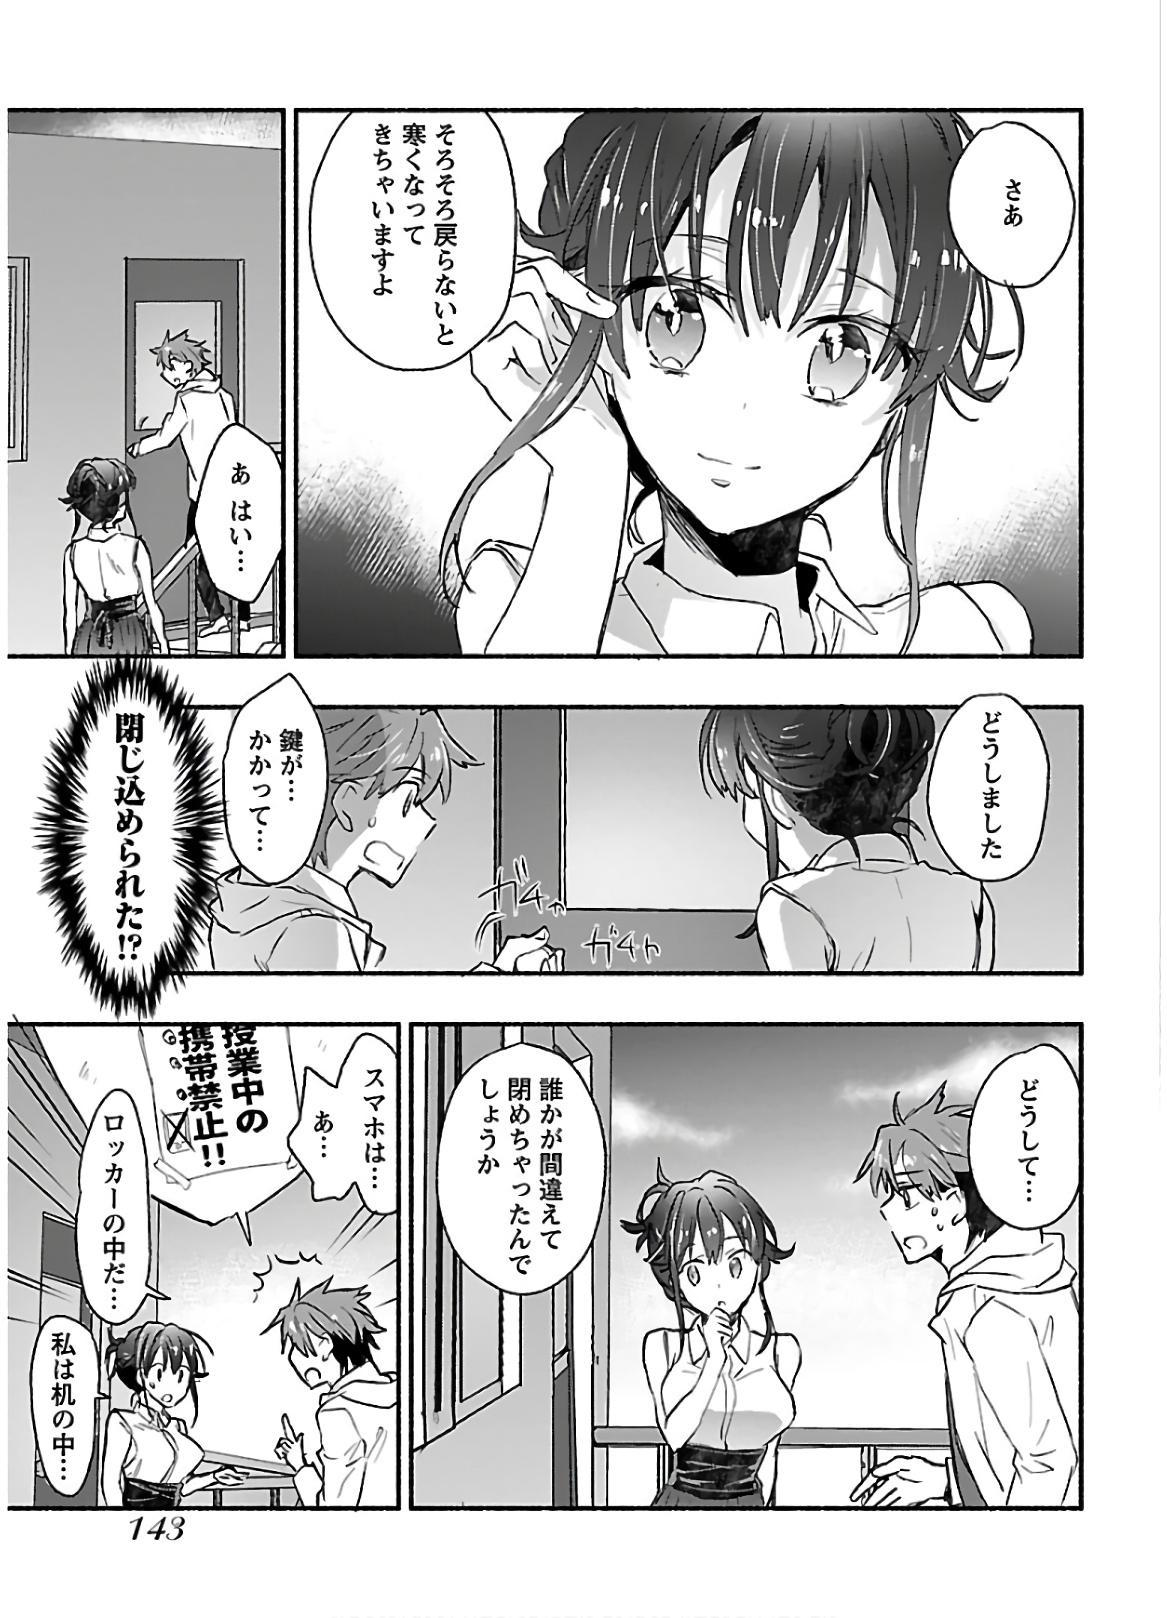 Yankii musume ni natsukarete kotoshi mo juken ni shippai shisou desu  vol.1 144